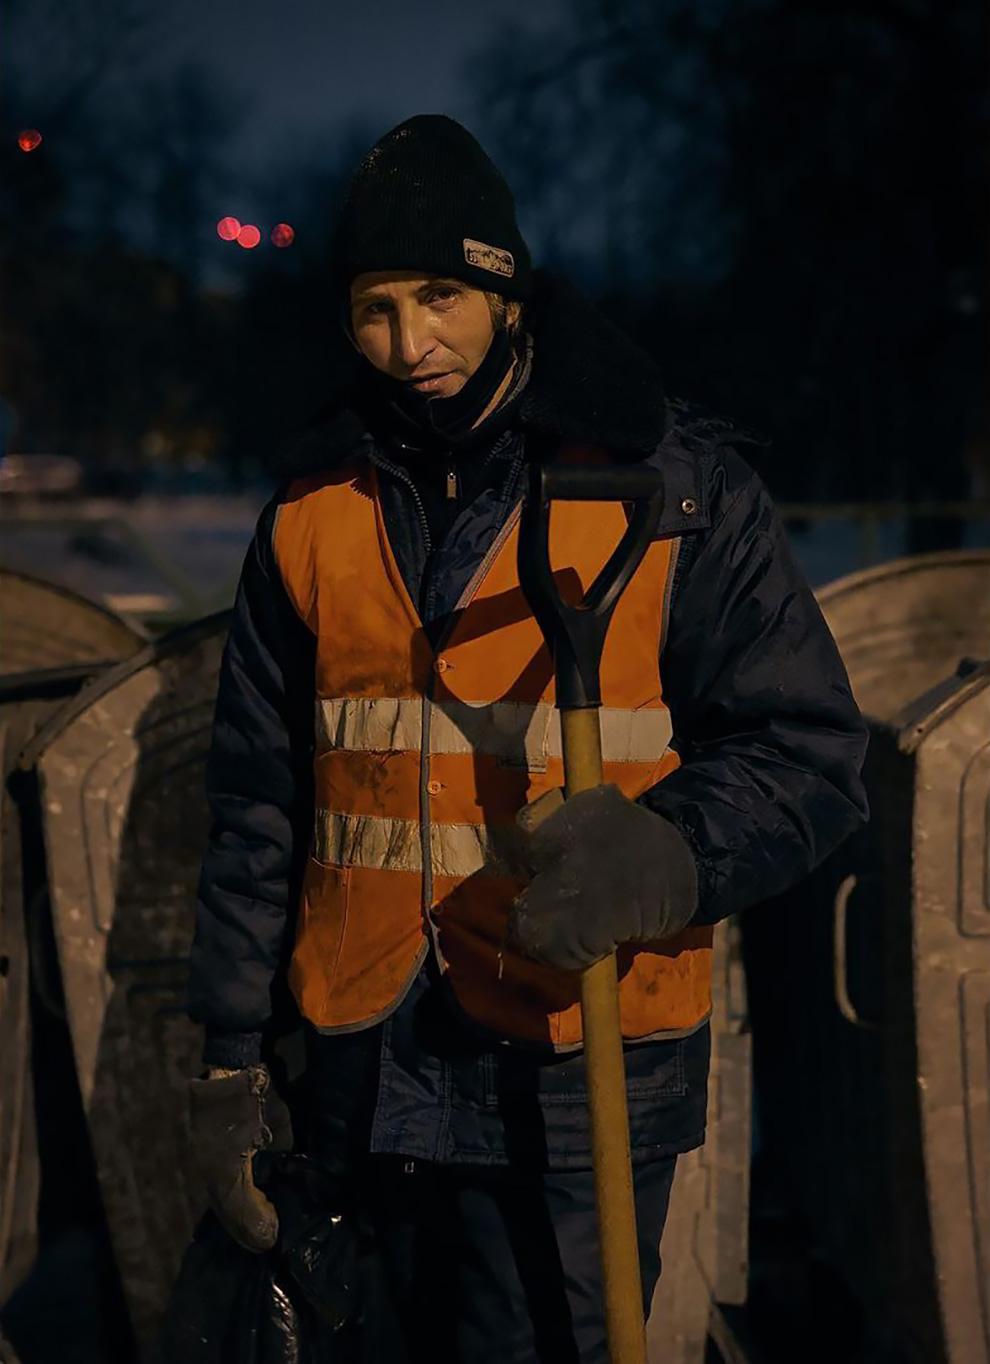 фотограф Роман Филиппов  (2).jpg